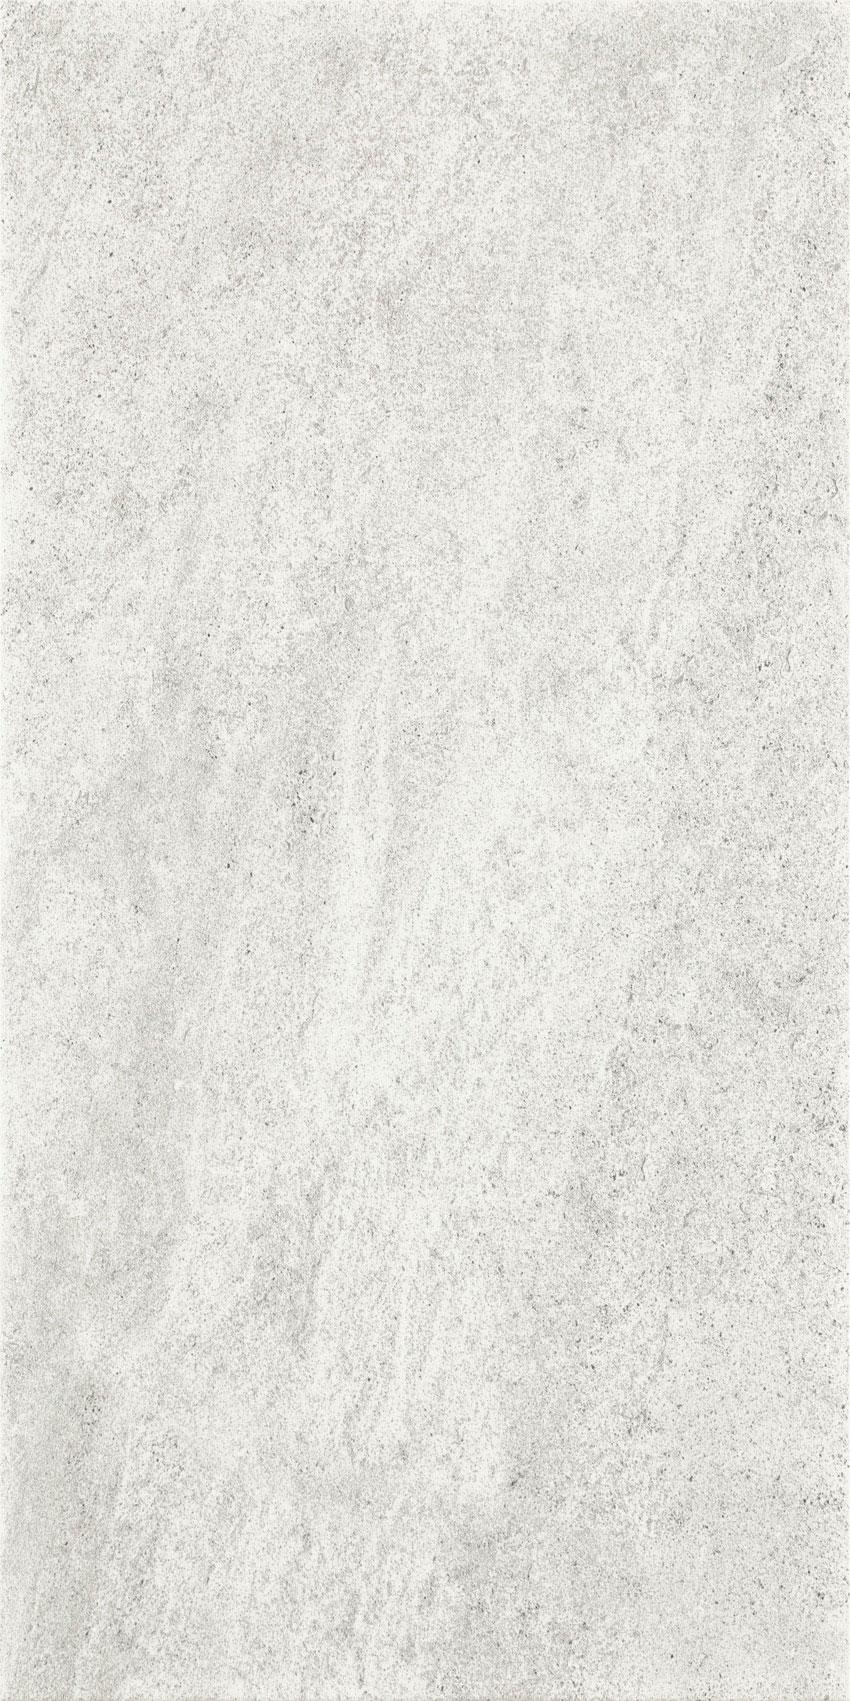 Настенная плитка Ceramika Paradyz Emilly grys 30x60 (0,9) бордюр paradyz emilly milio sepia 2 3x60